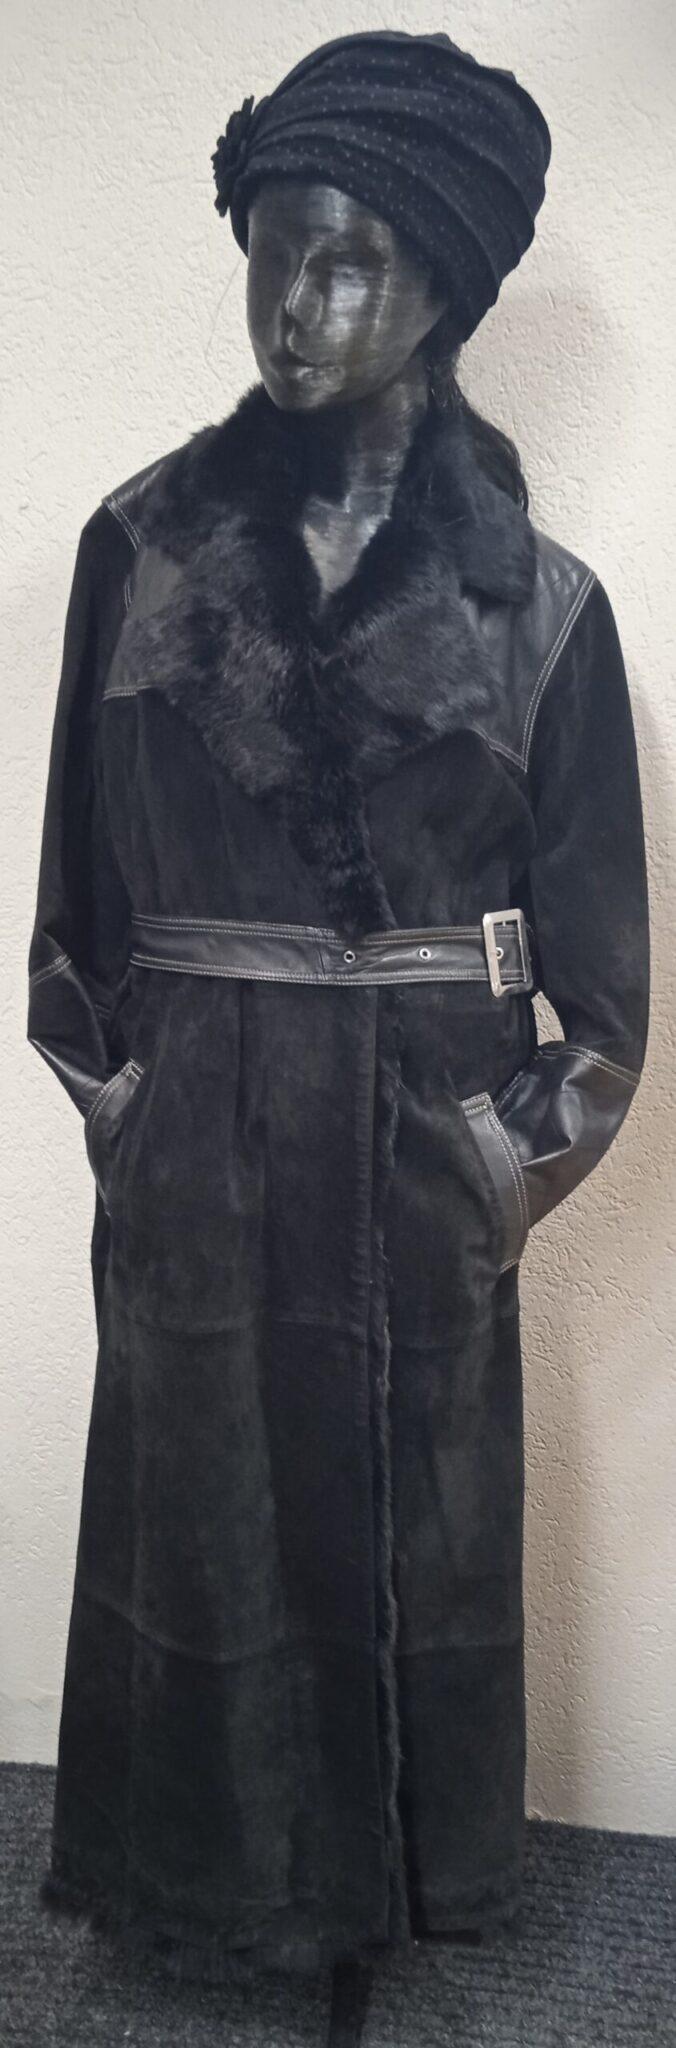 manteau rené dehry